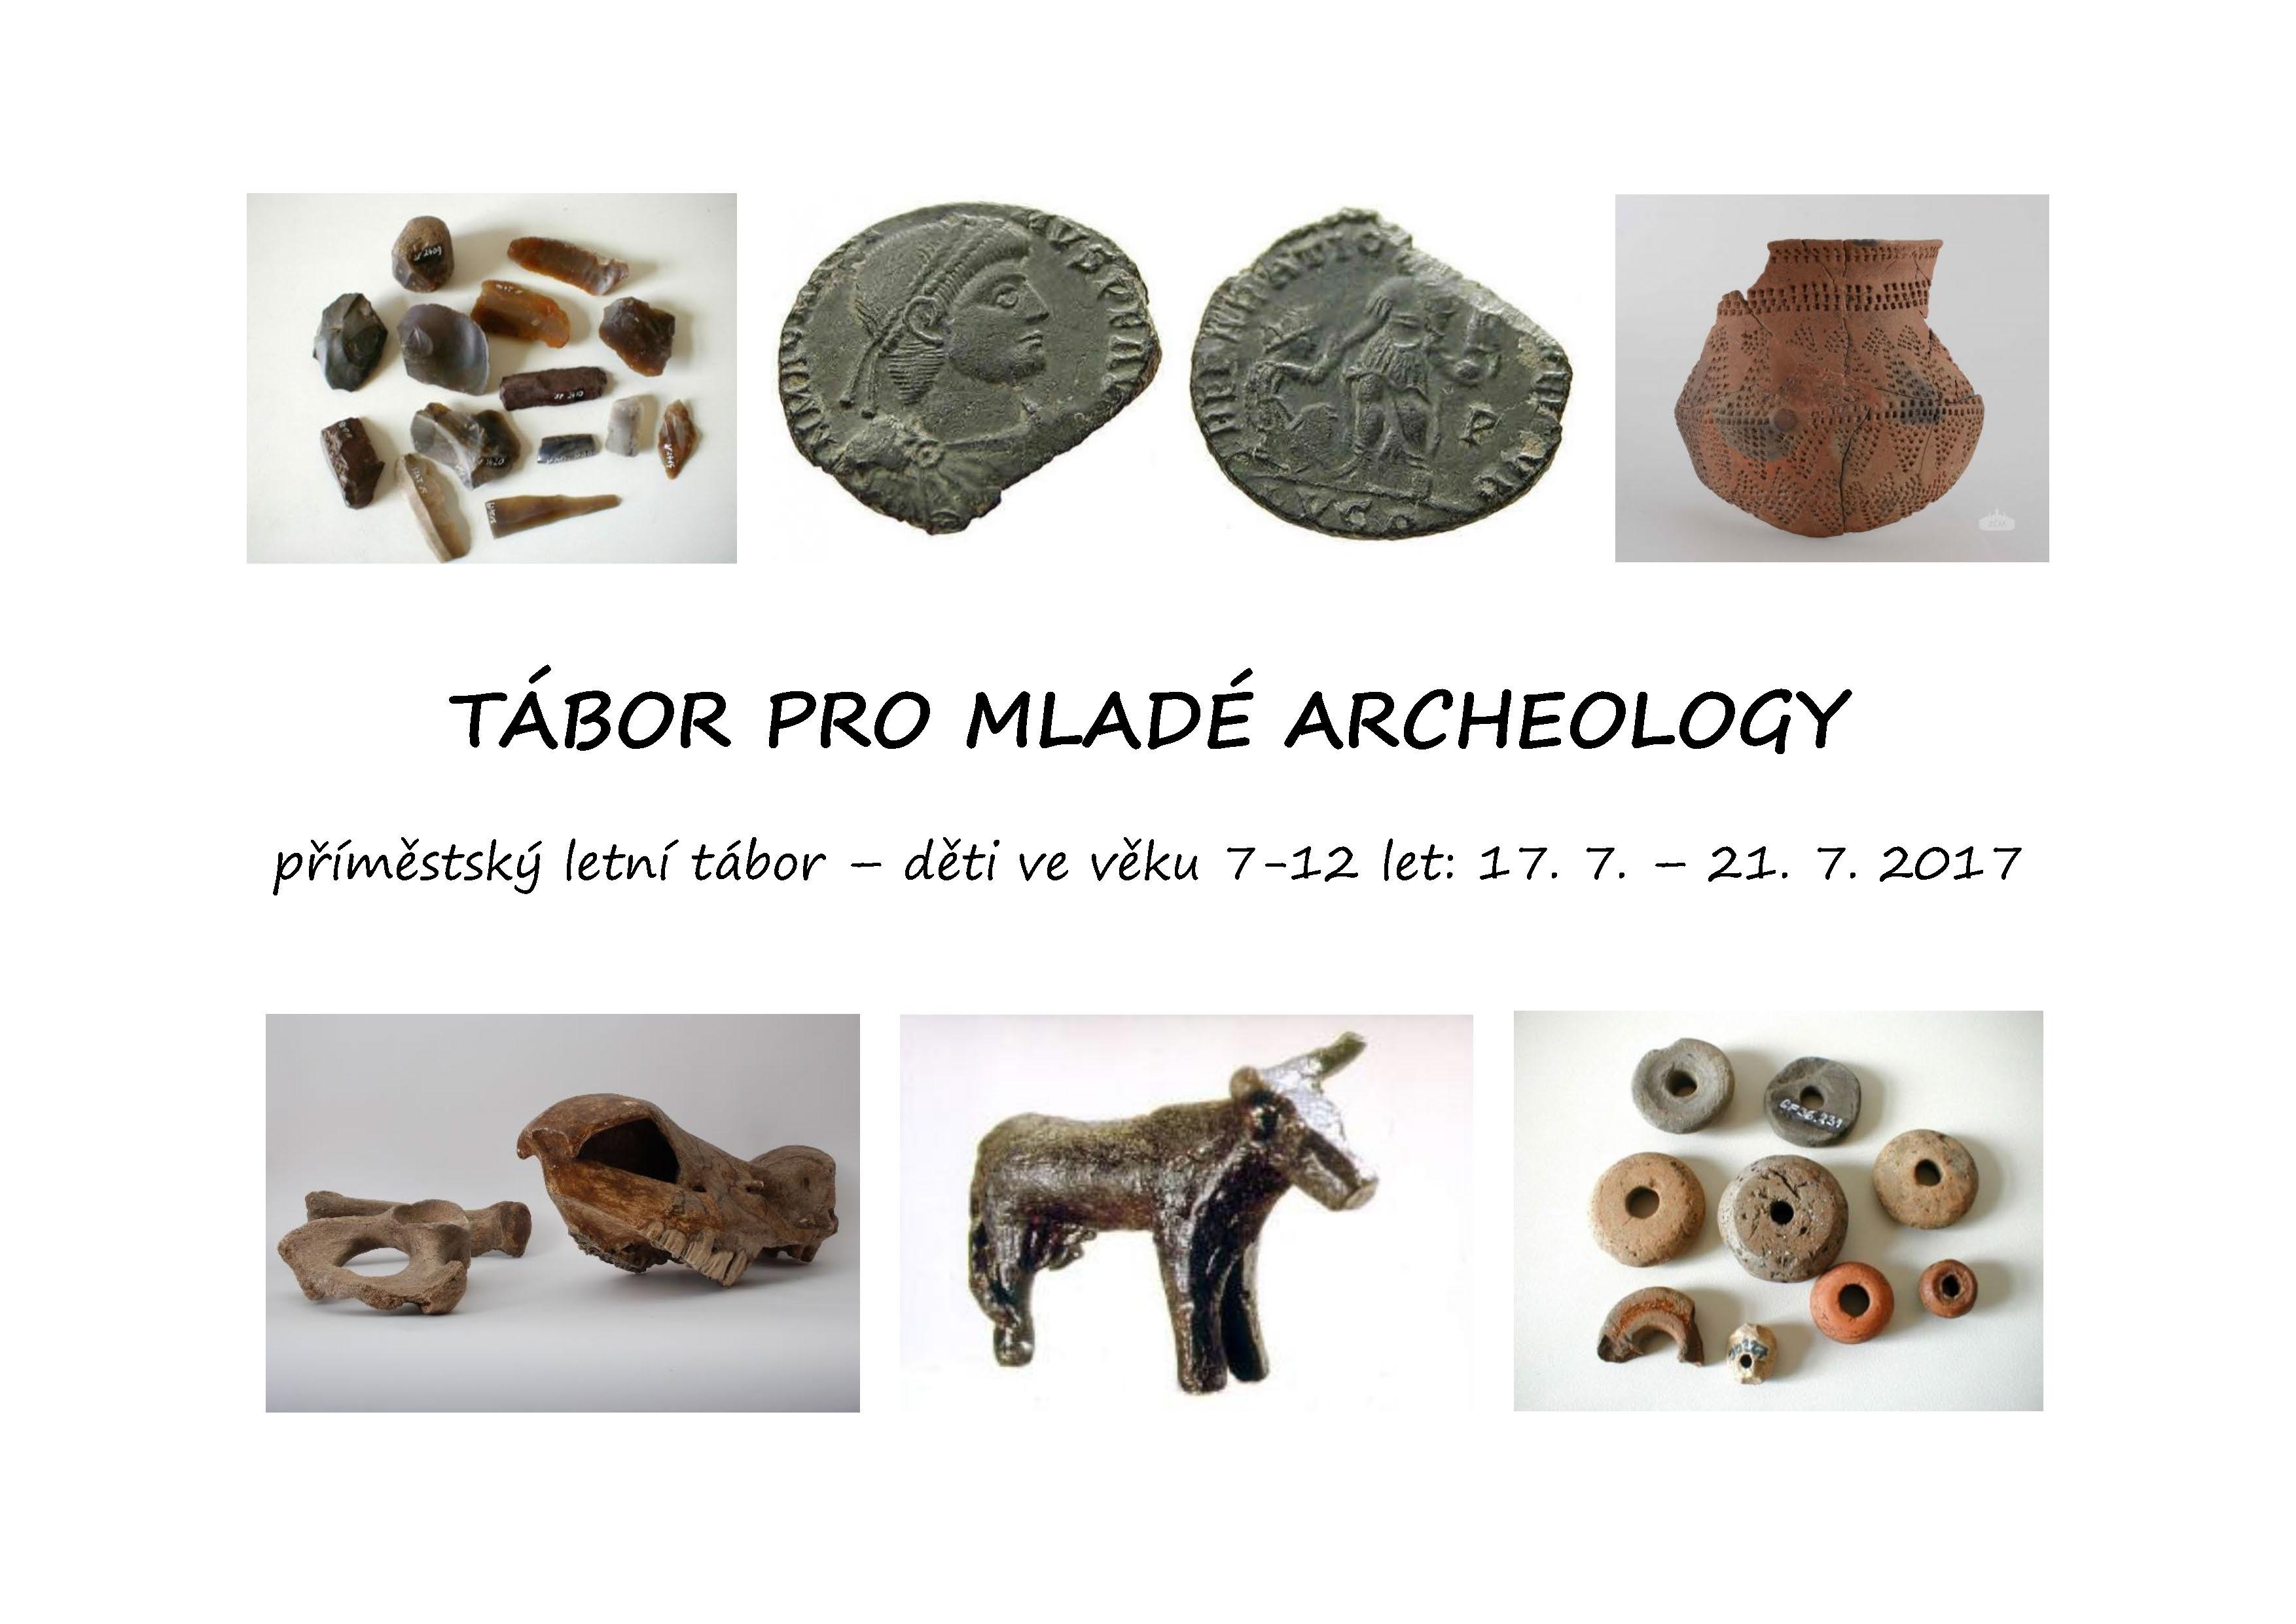 Tábor pro mladé archeology 2017